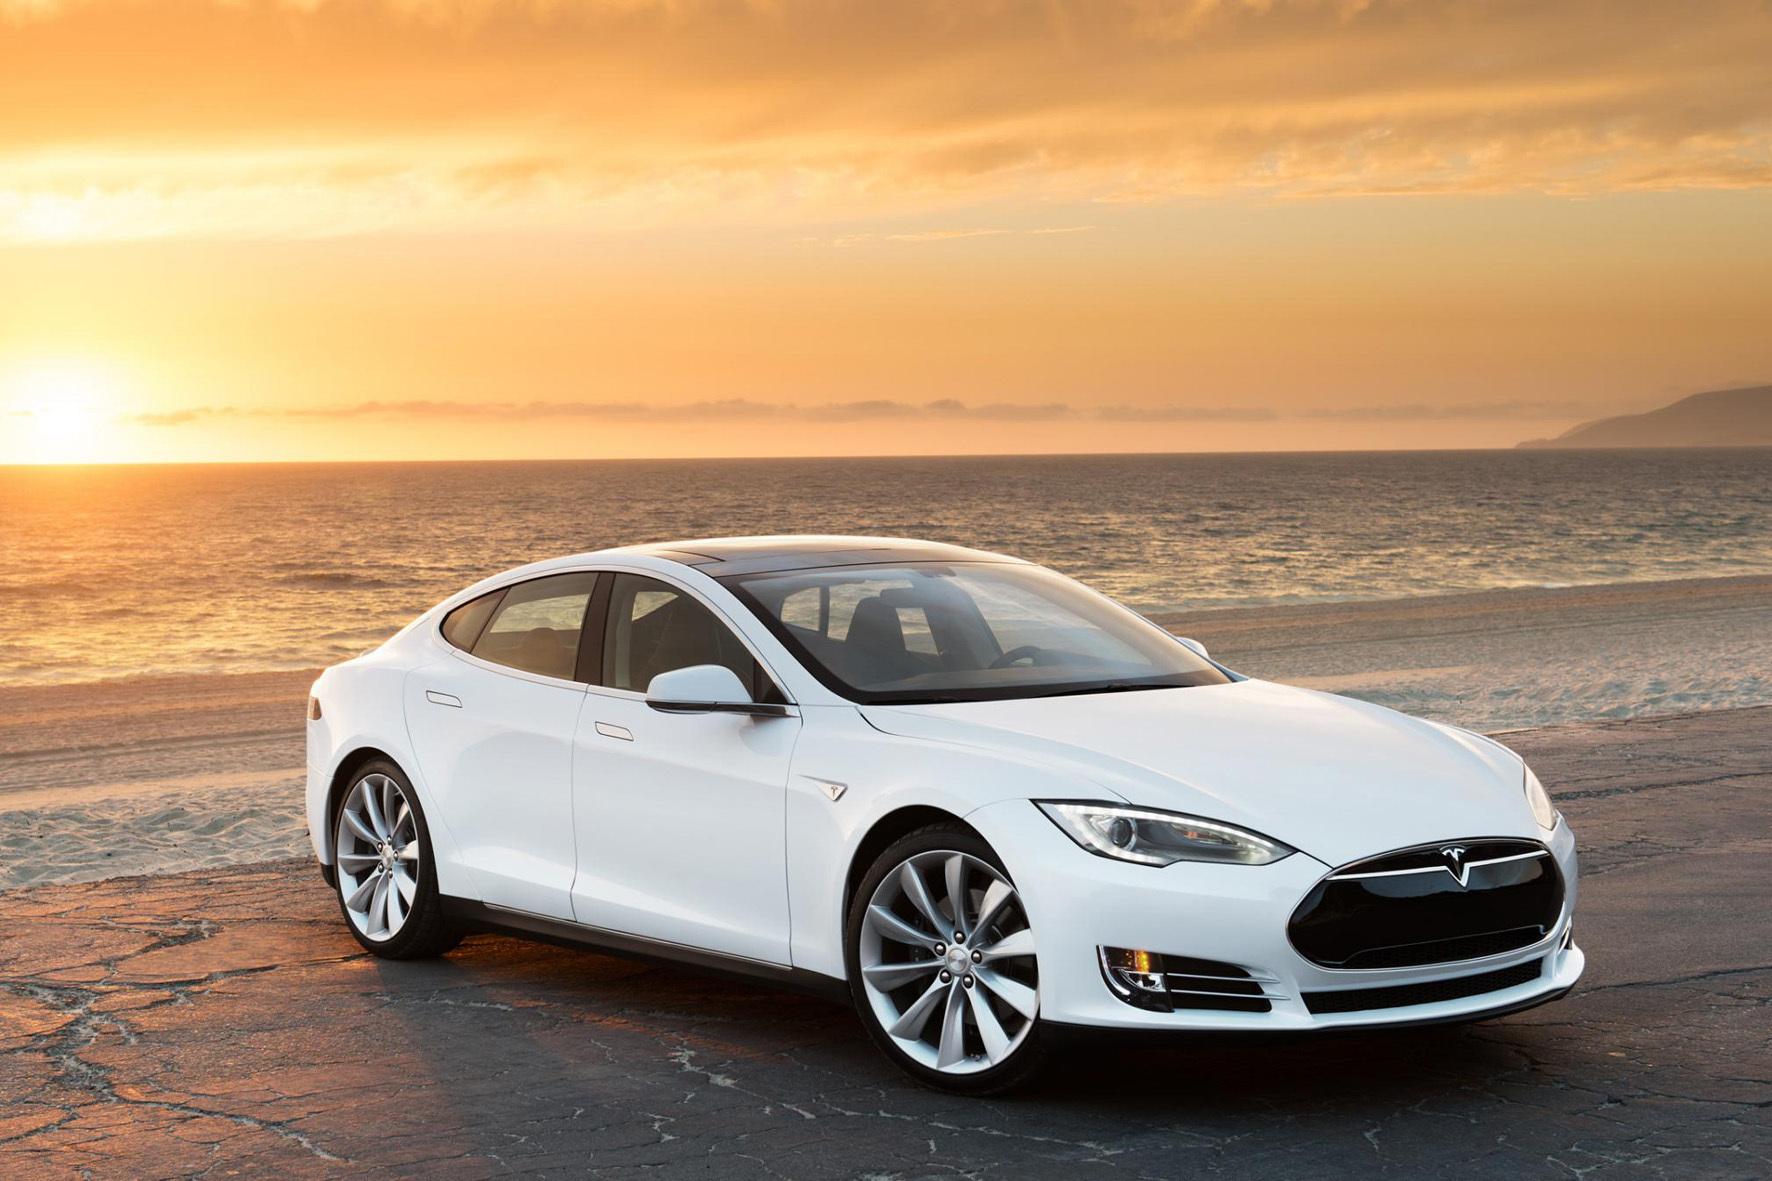 mid Groß-Gerau - Ein privater Entwickler hat einen Code für iPhone und Apple-Watch programmiert, mit dem sich Teslas Model S per Sprachbefehl einparken lässt.